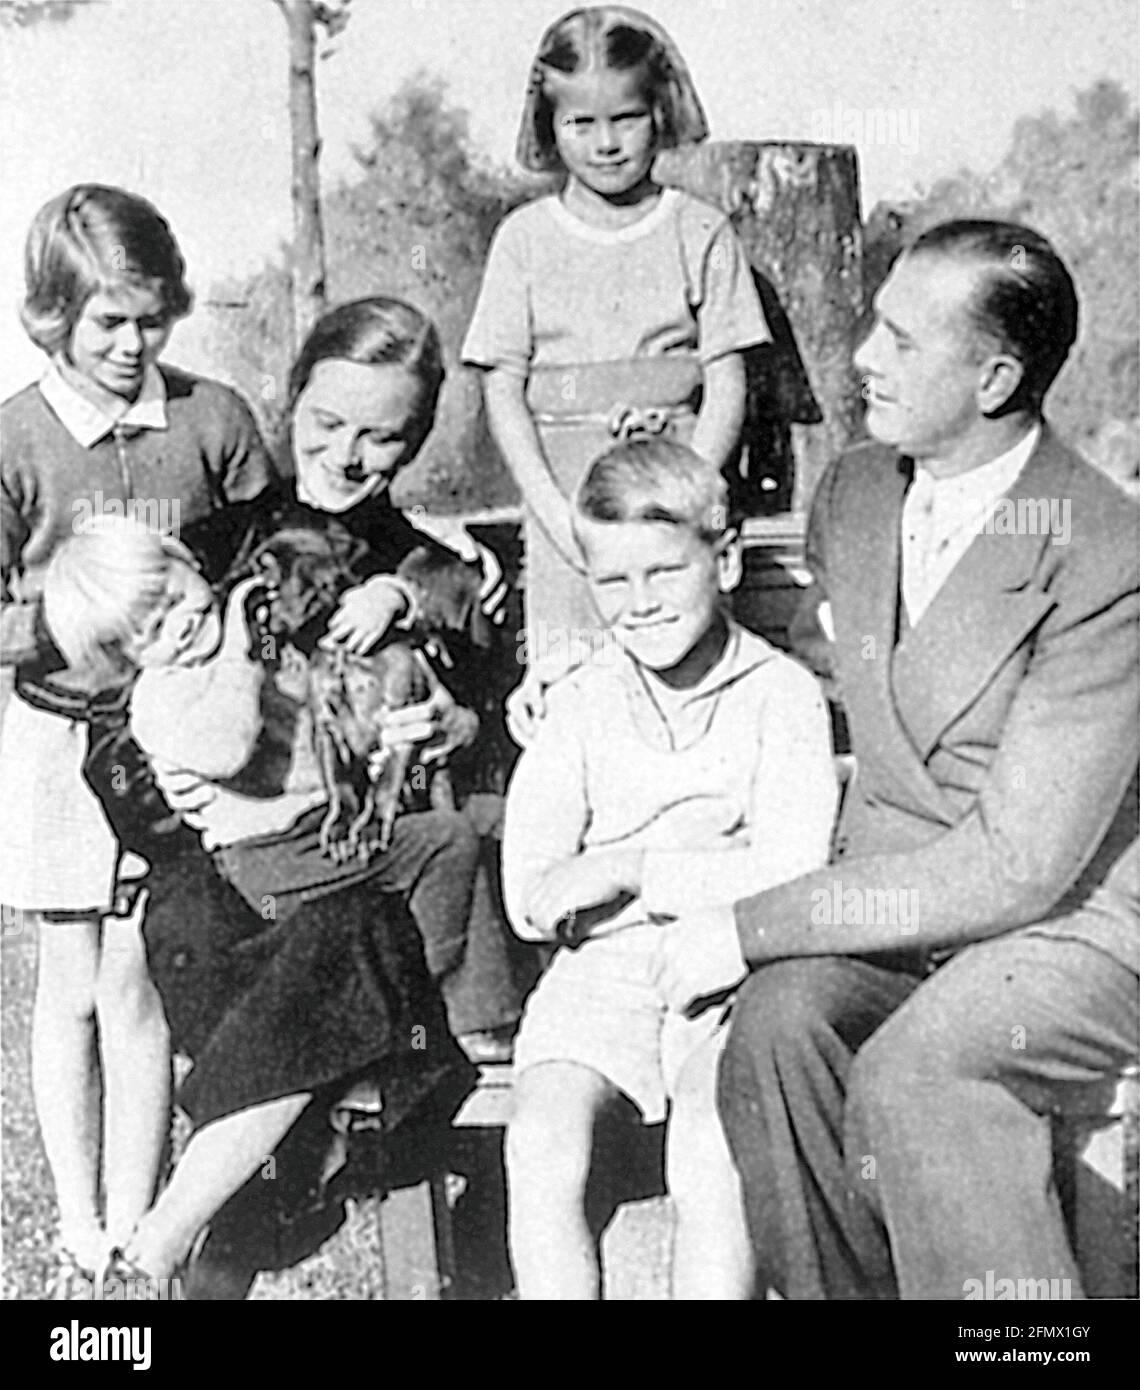 Kelly, Grace, 12.11.1929 - 14.9.1982, attrice americana, mezza lunghezza, Con i suoi fratelli, ULTERIORI-DIRITTI-AUTORIZZAZIONE-INFORMAZIONI-NON-DISPONIBILE Foto Stock